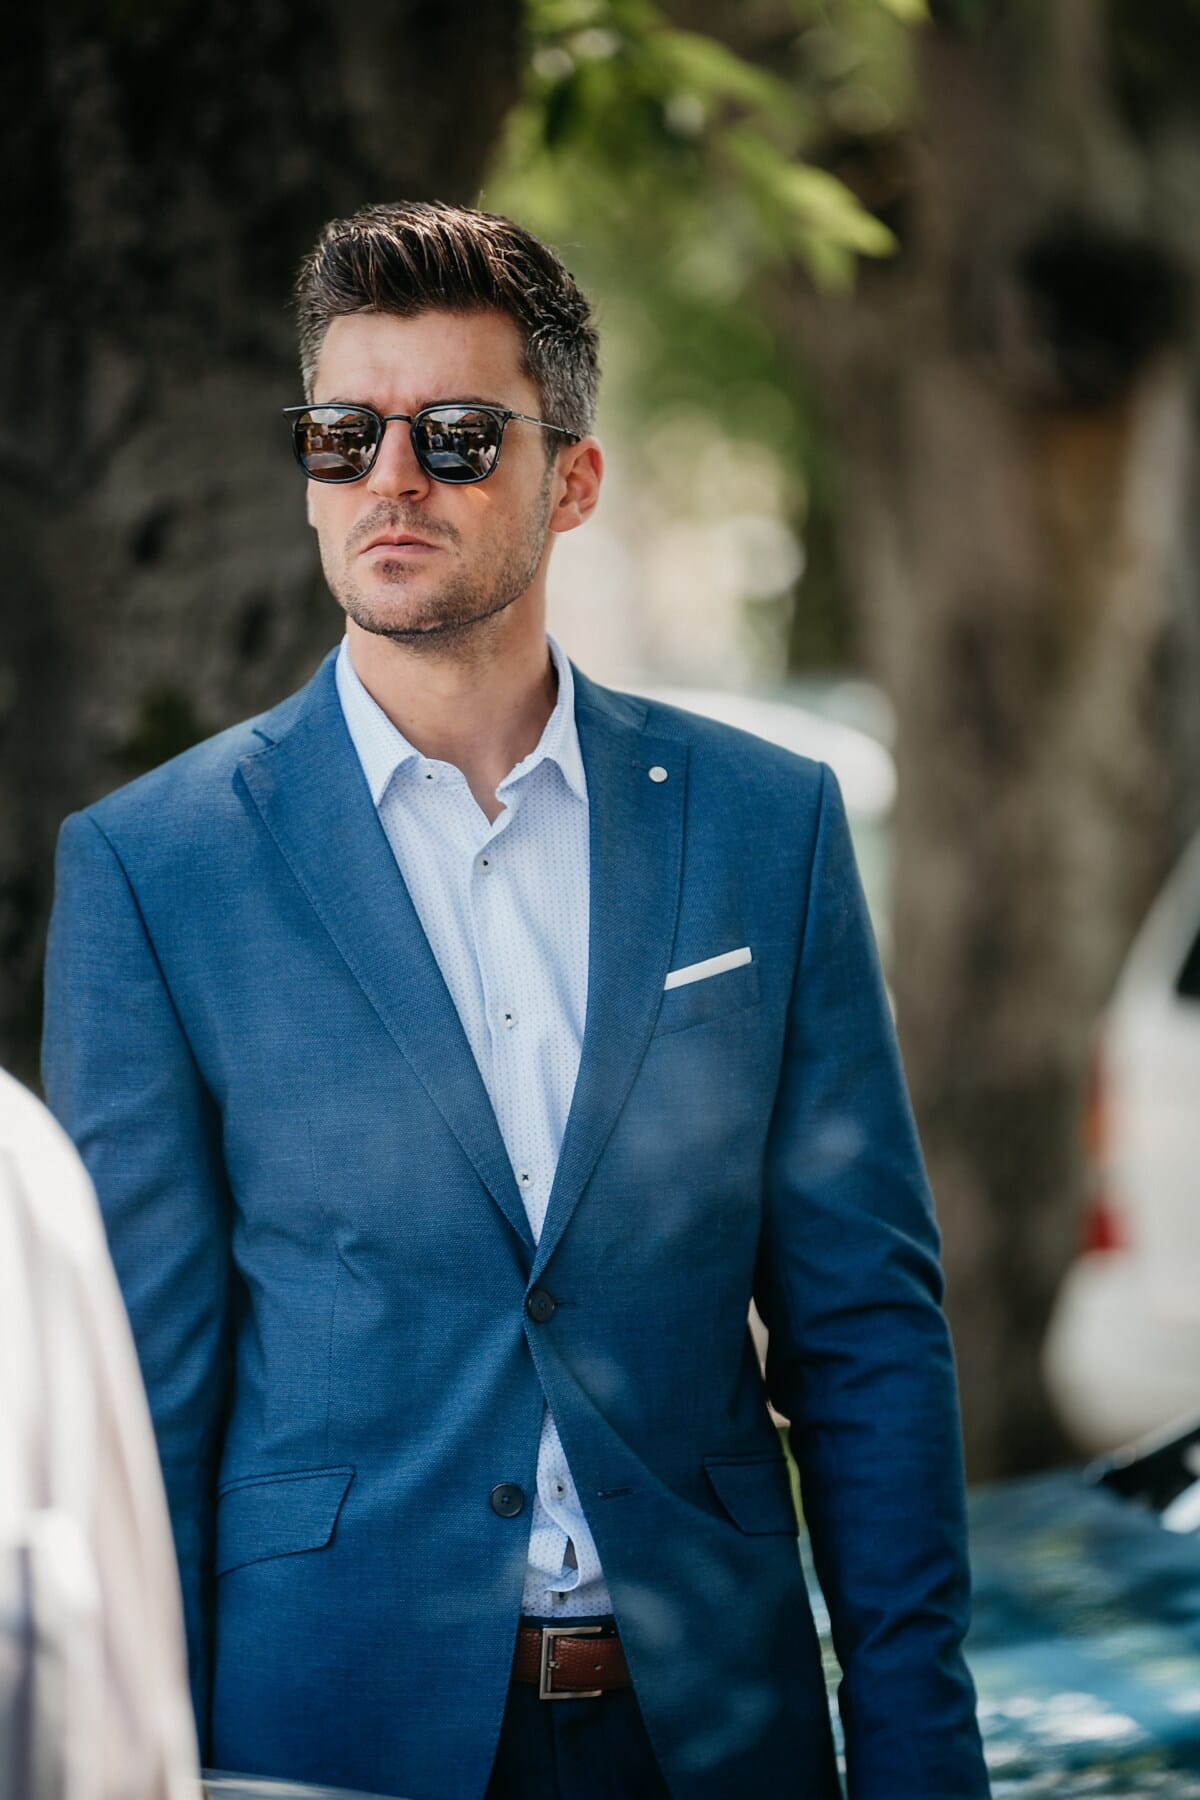 Mann, stehende, professionelle, Manager, Smart, Porträt, Geschäftsmann, Geschäft, Exekutive, Anzug